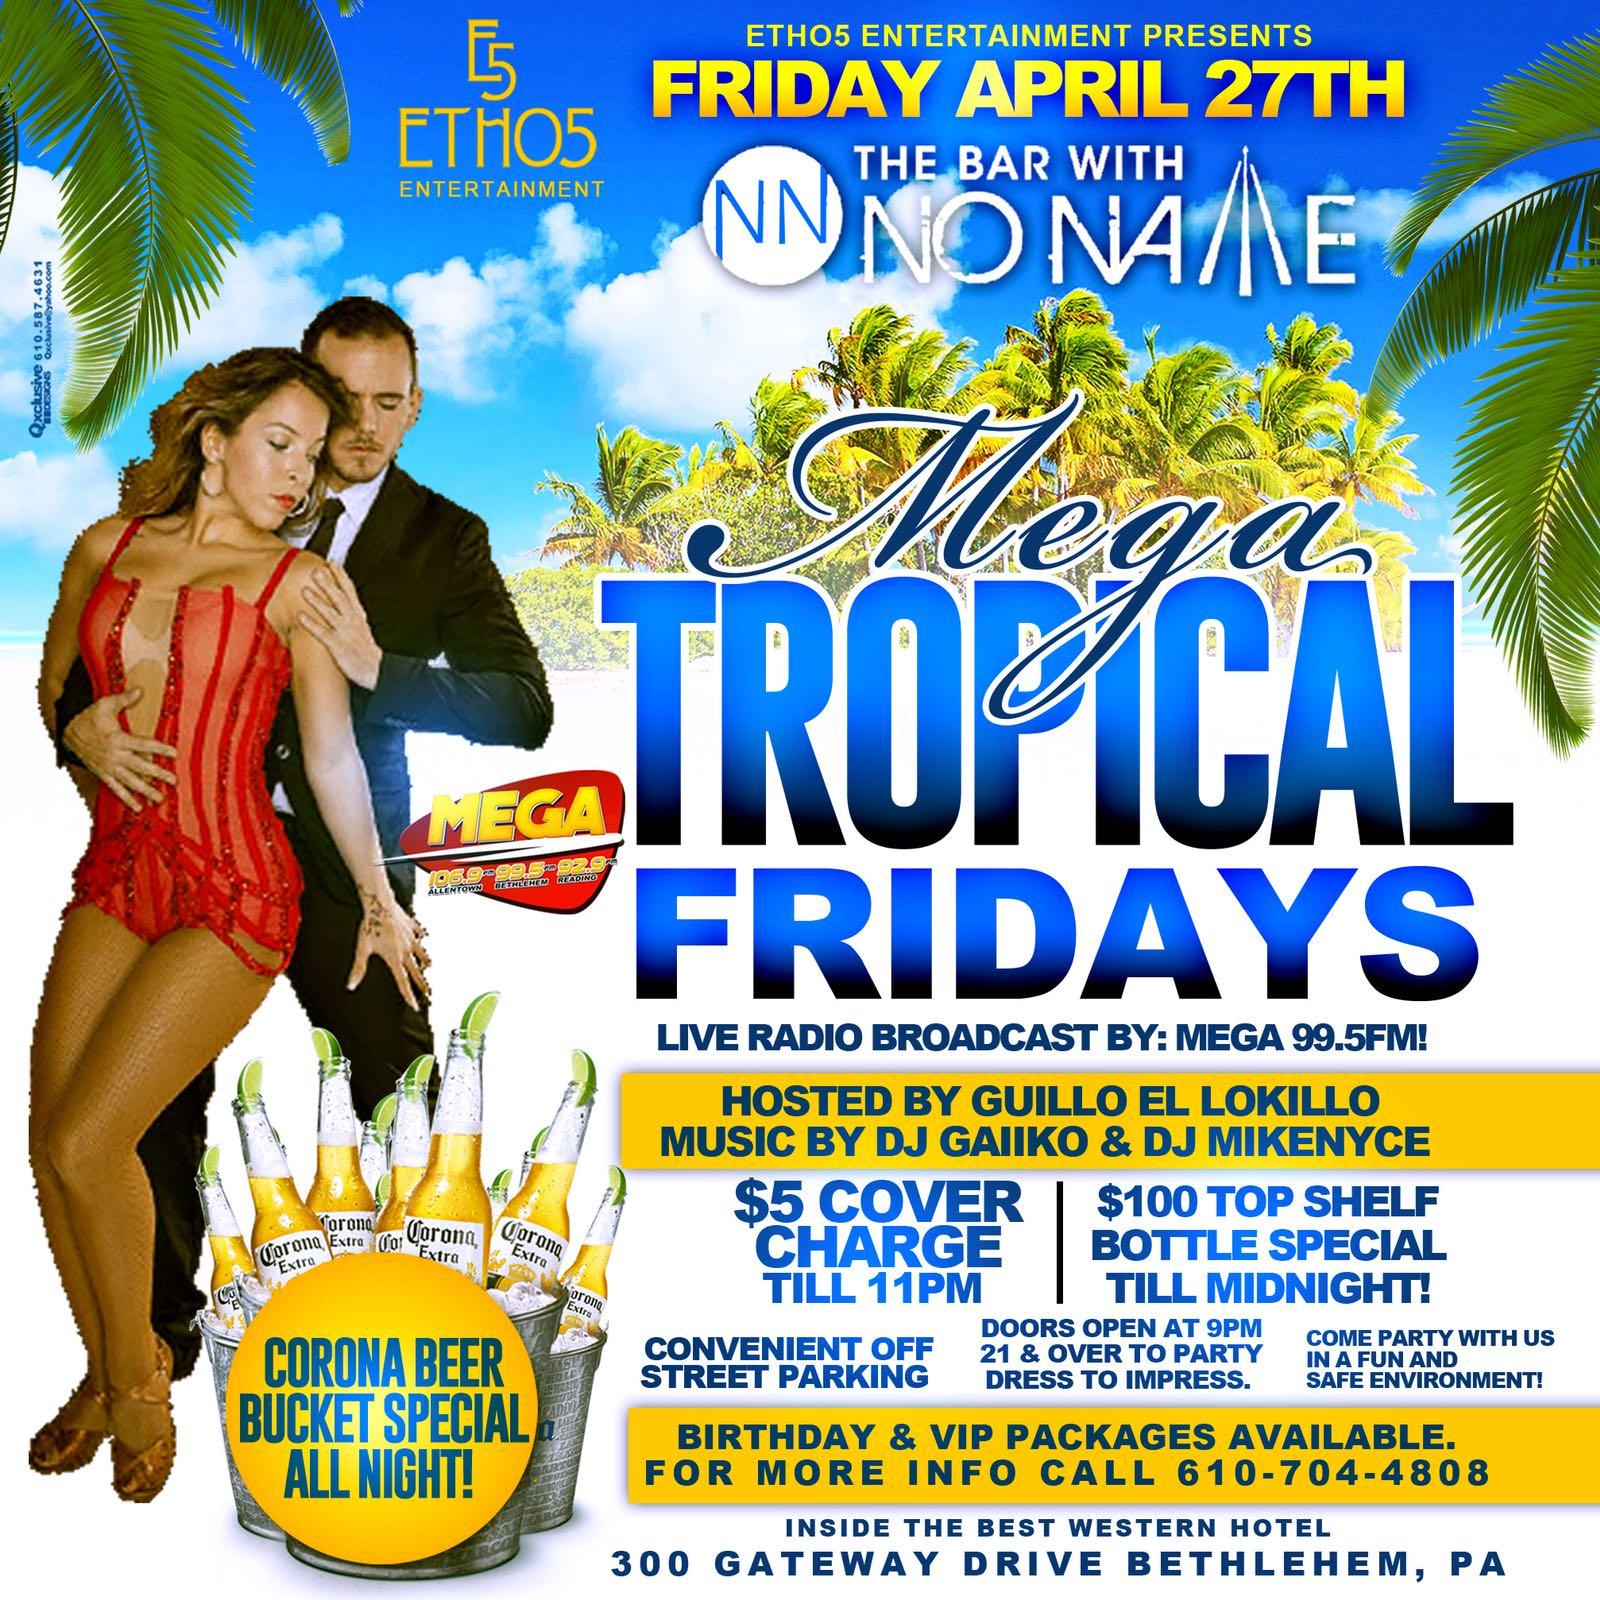 Mega Tropical Fridays at the Bar with No Name